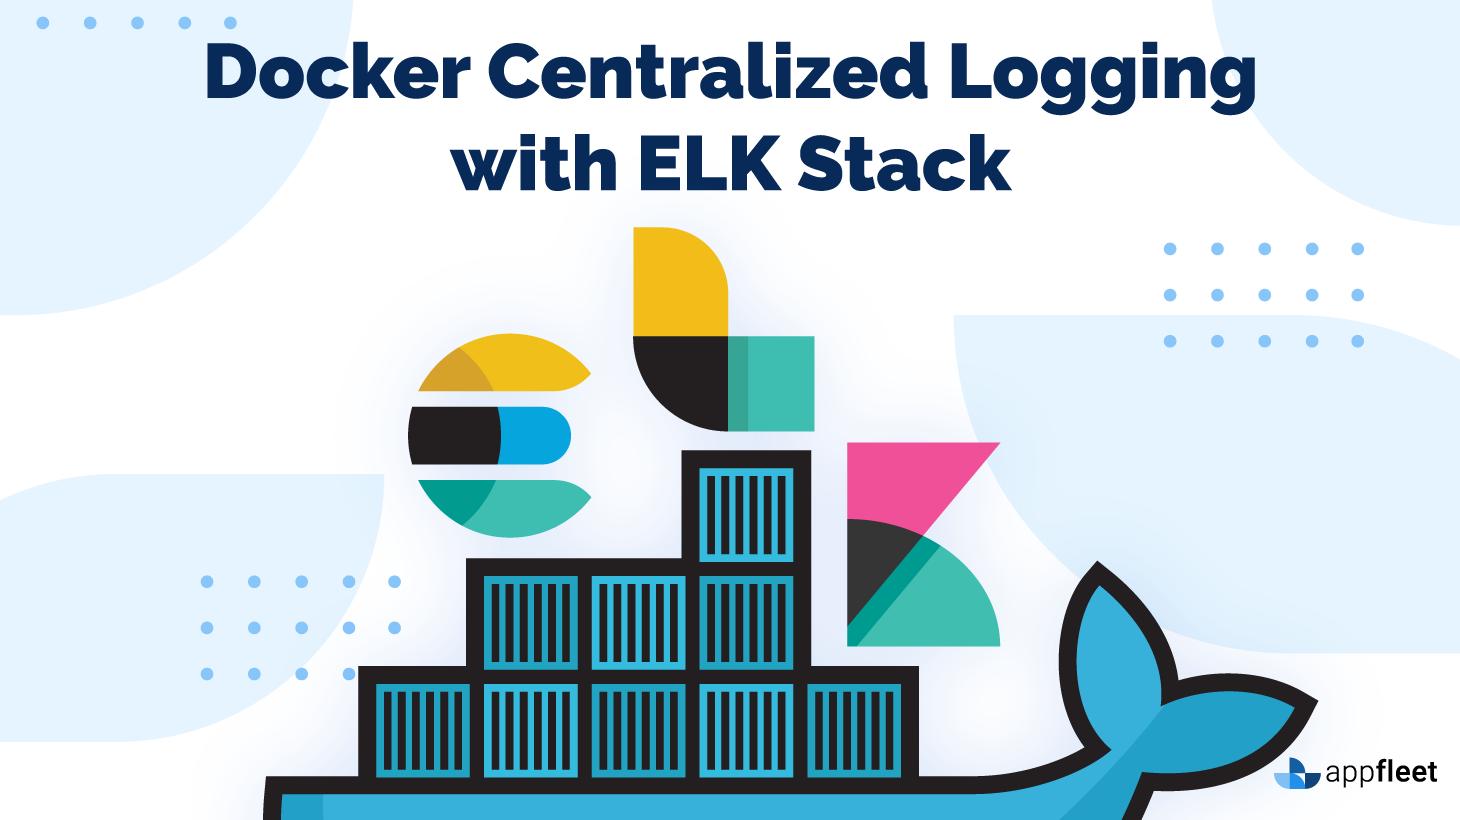 Docker Centralized Logging with ELK Stack